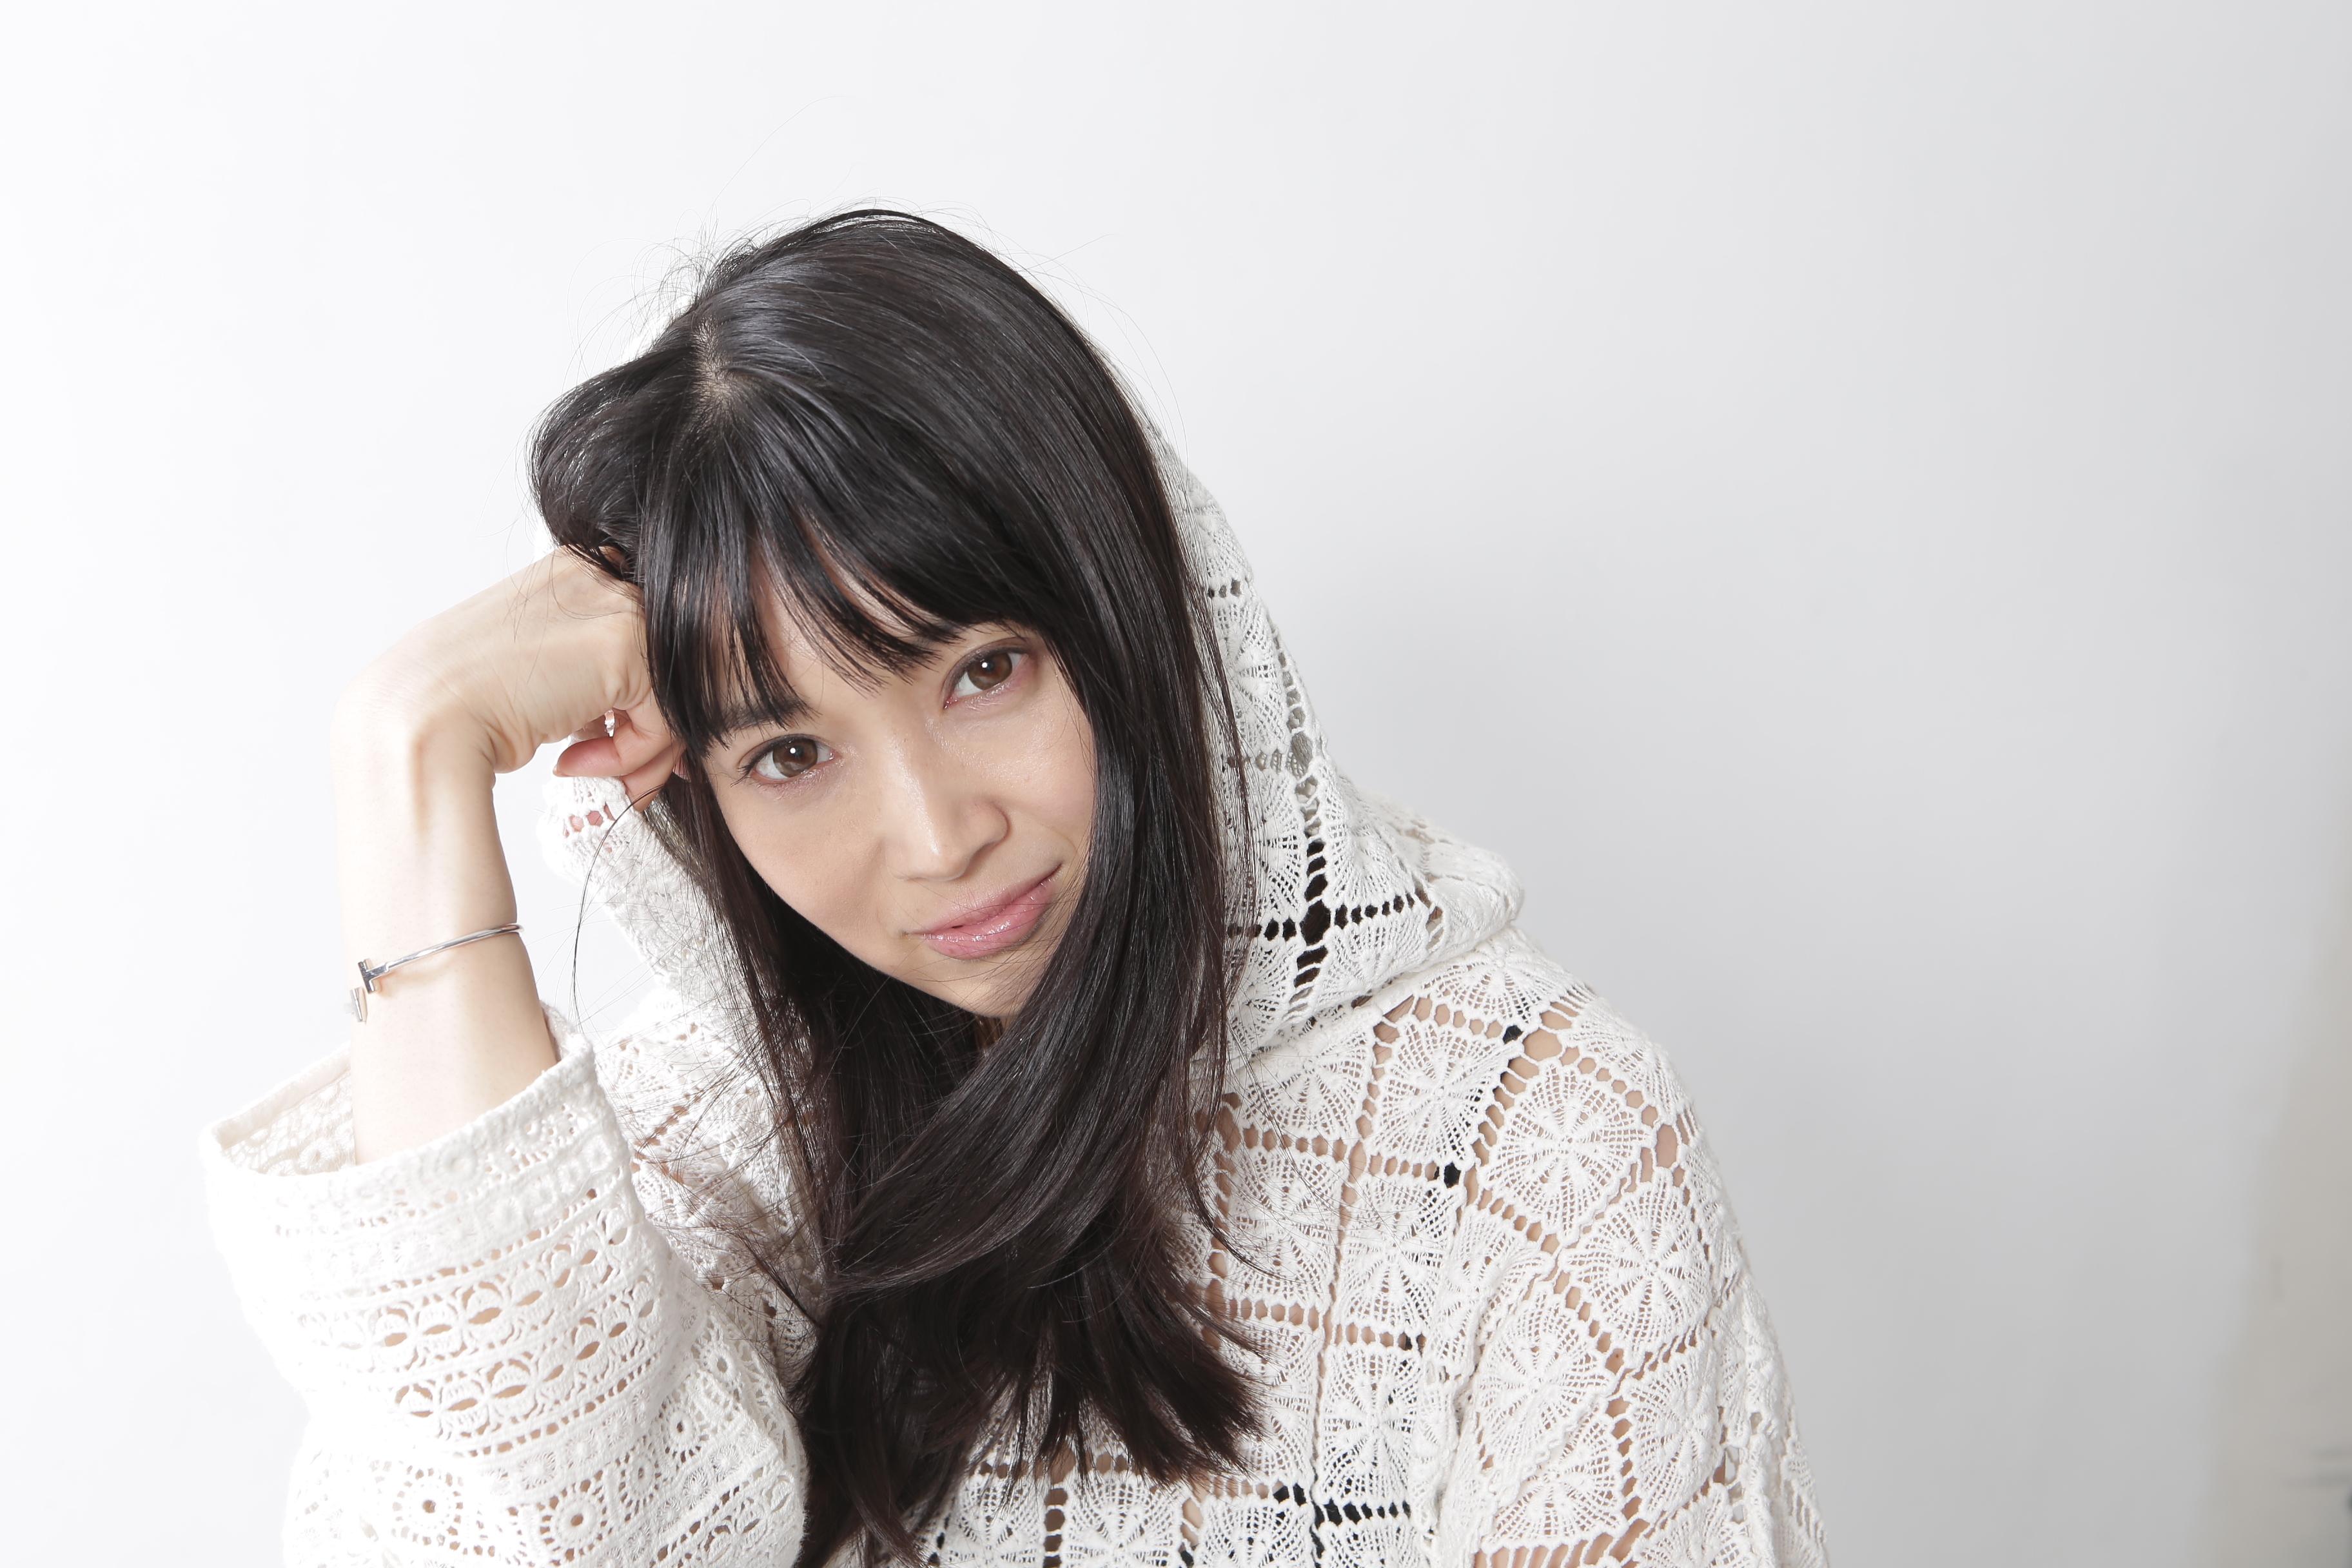 美形シンガー みきねみきな 楽曲「Door」でデビュー ...